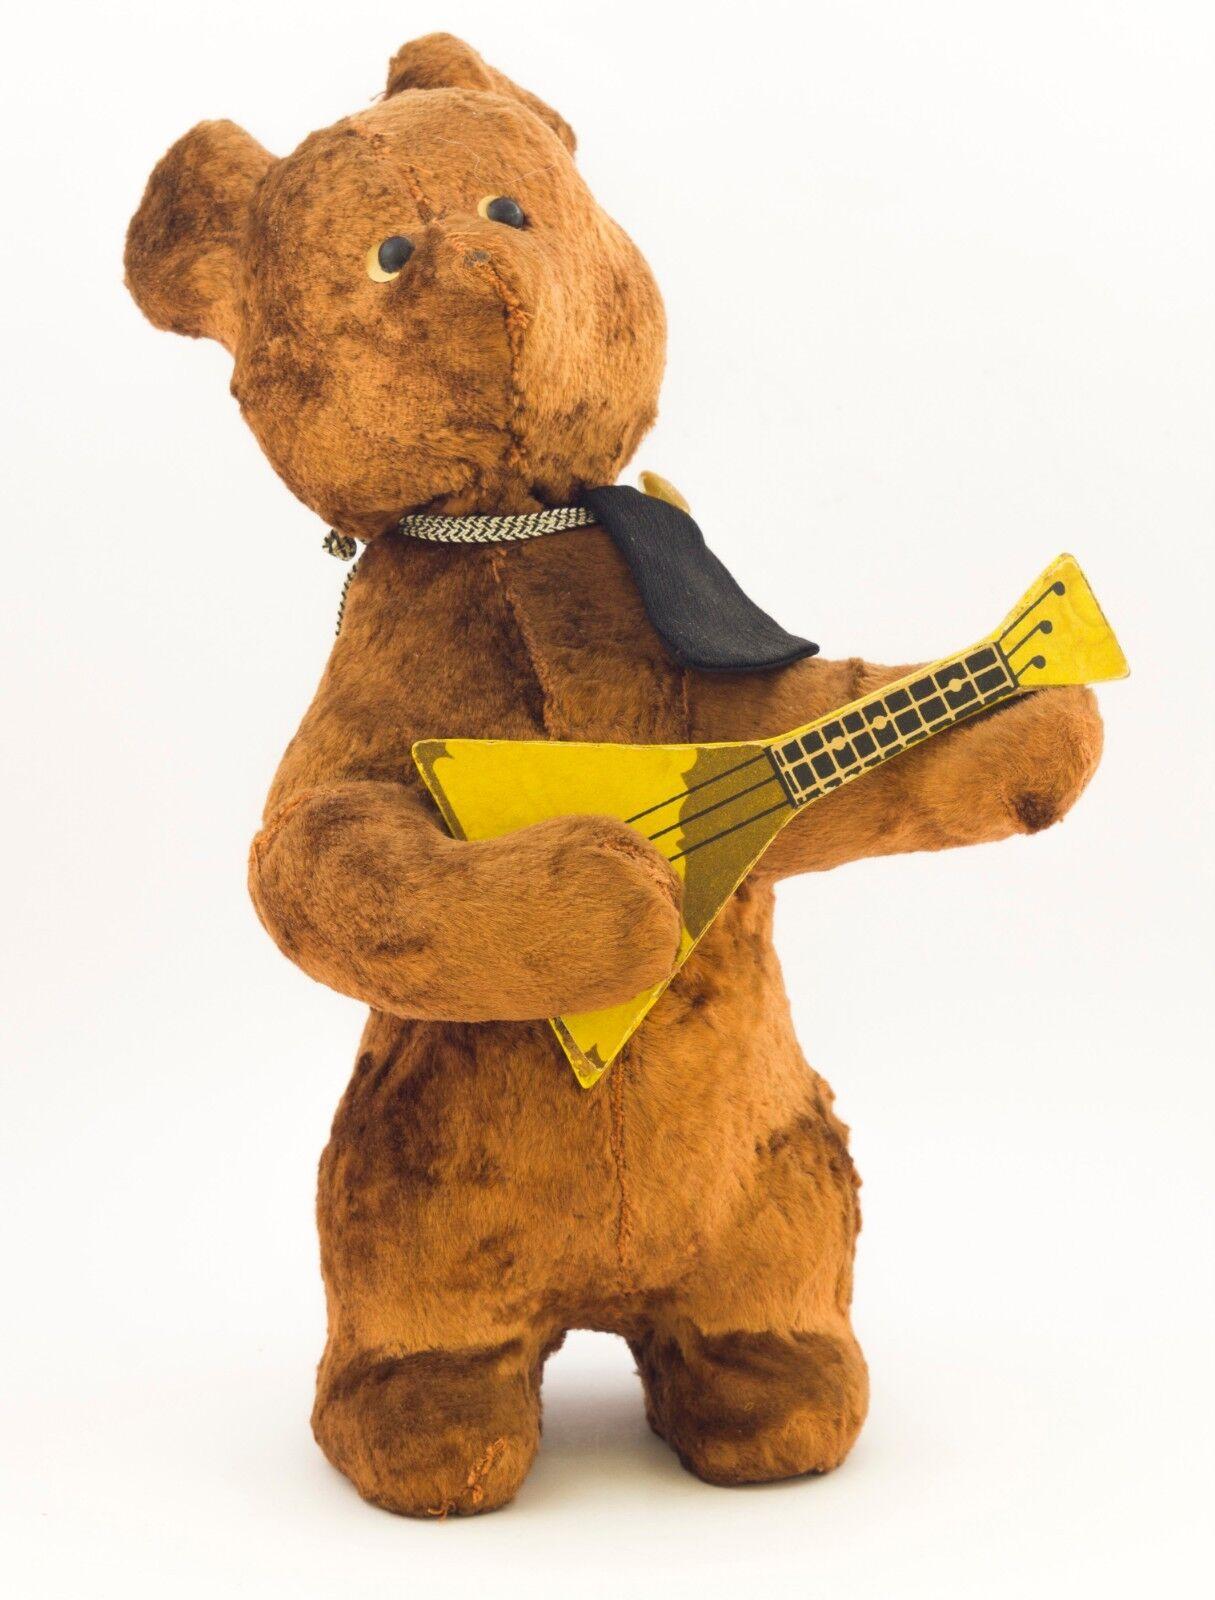 Rara Vintage Wind-up URSS ruso oso de felpa juguete mecánico con Balalaika